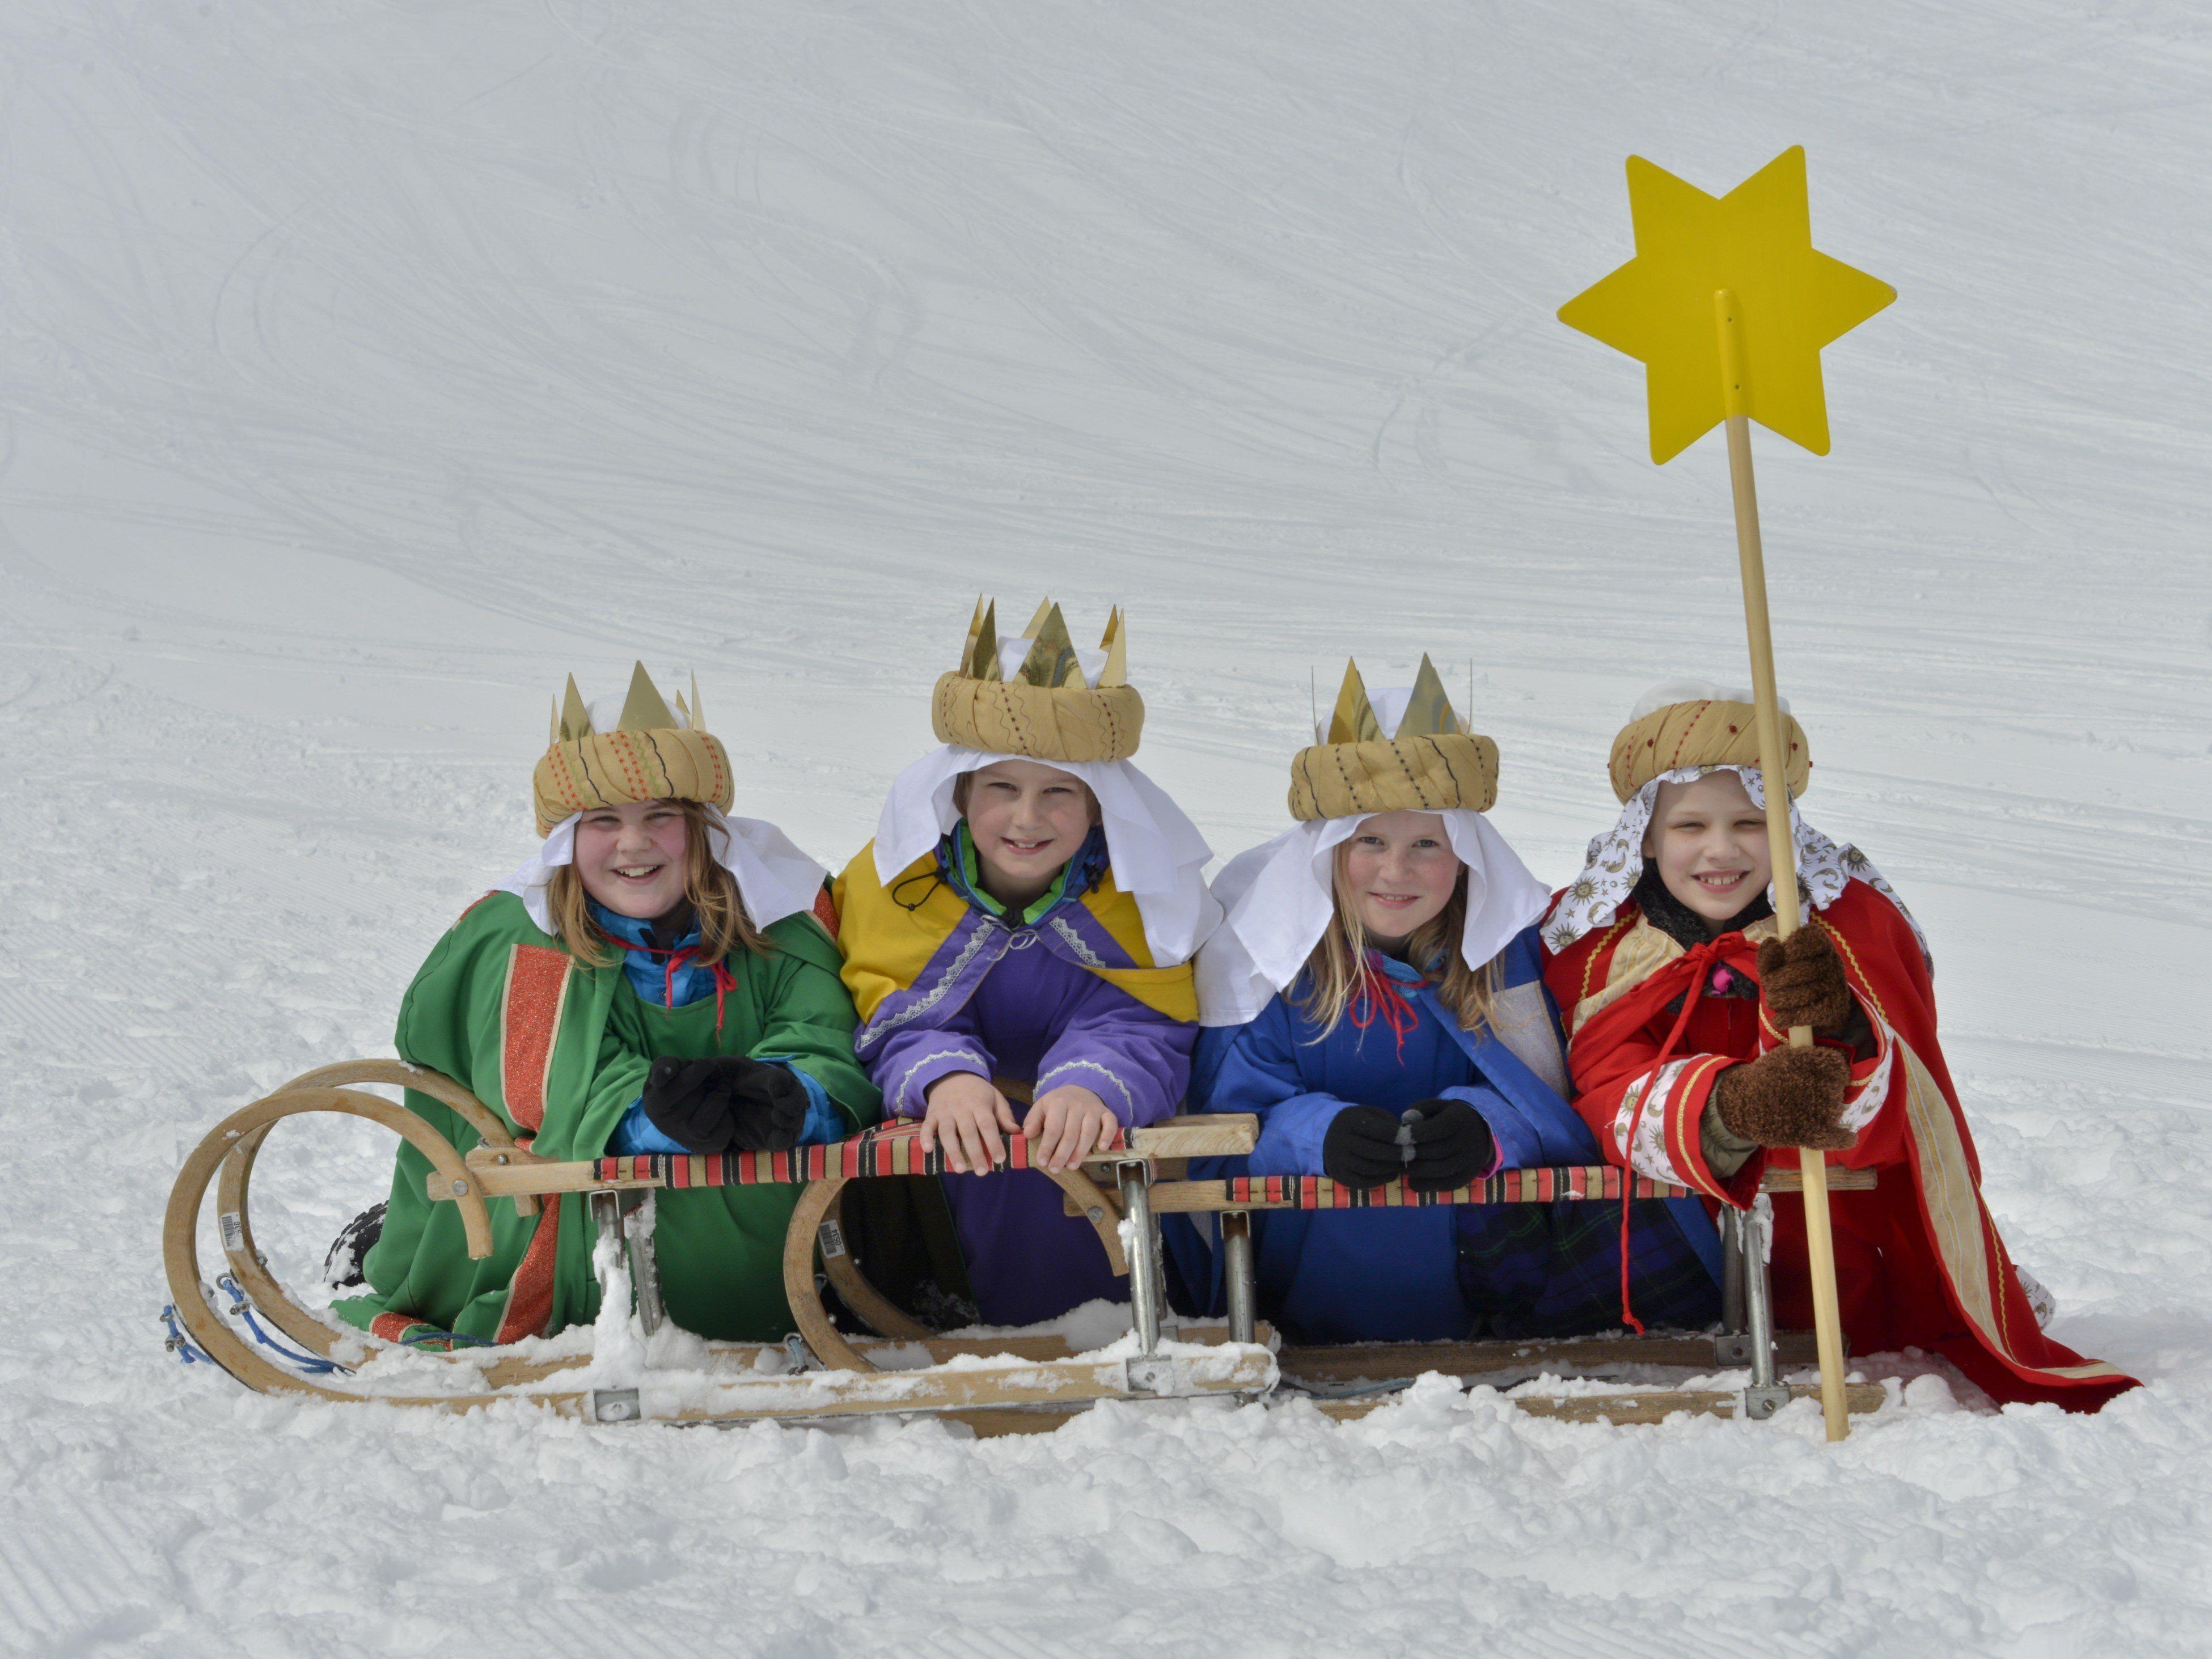 Über 840.000 Euro an Spenden konnten die Sternsinger im Vorjahr in Vorarlberg sammeln.